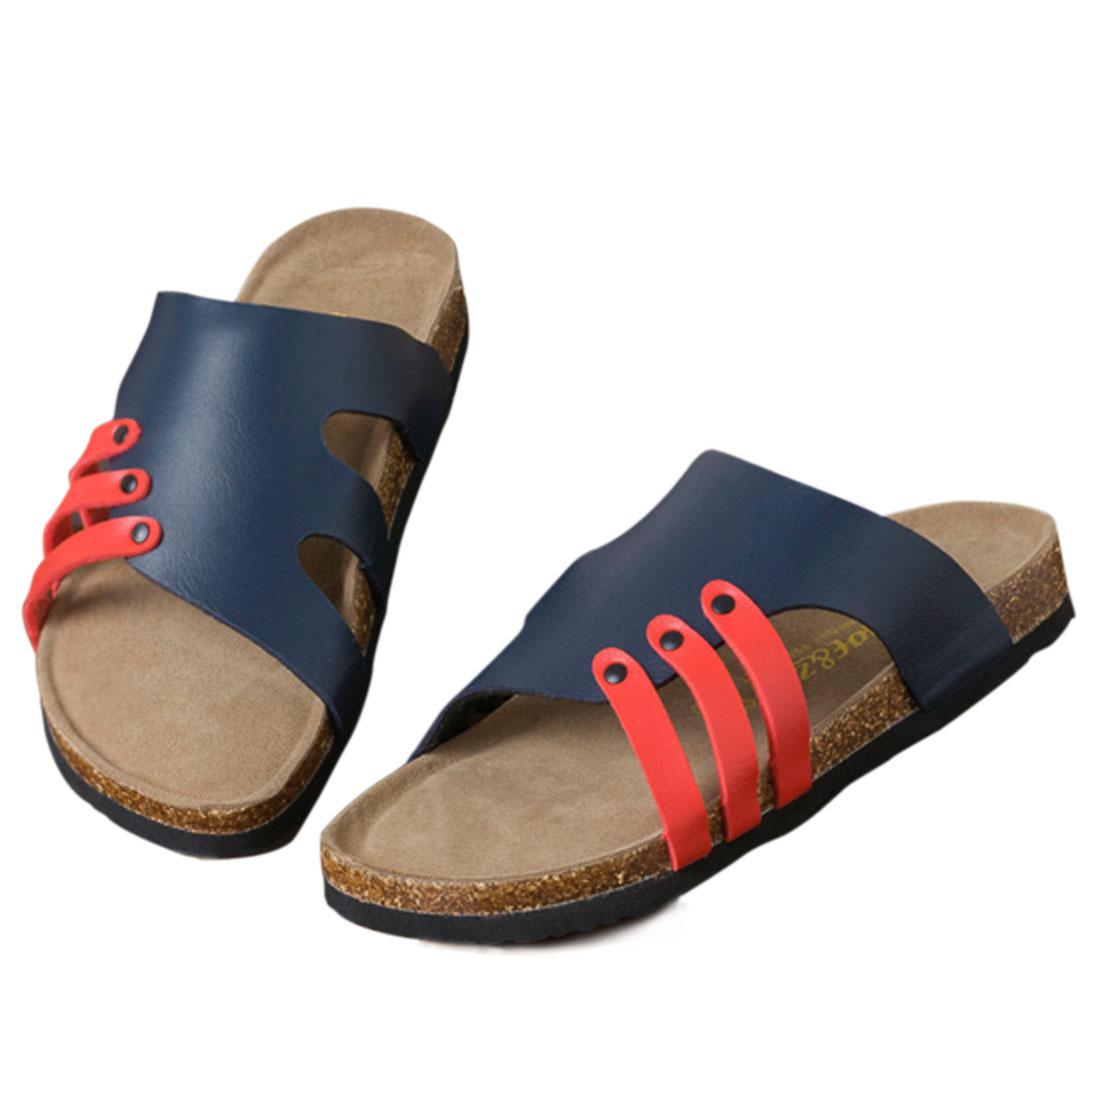 Men Color Block Upper Gentle Footbed Style US Size 10 Sandal Blue Red 43